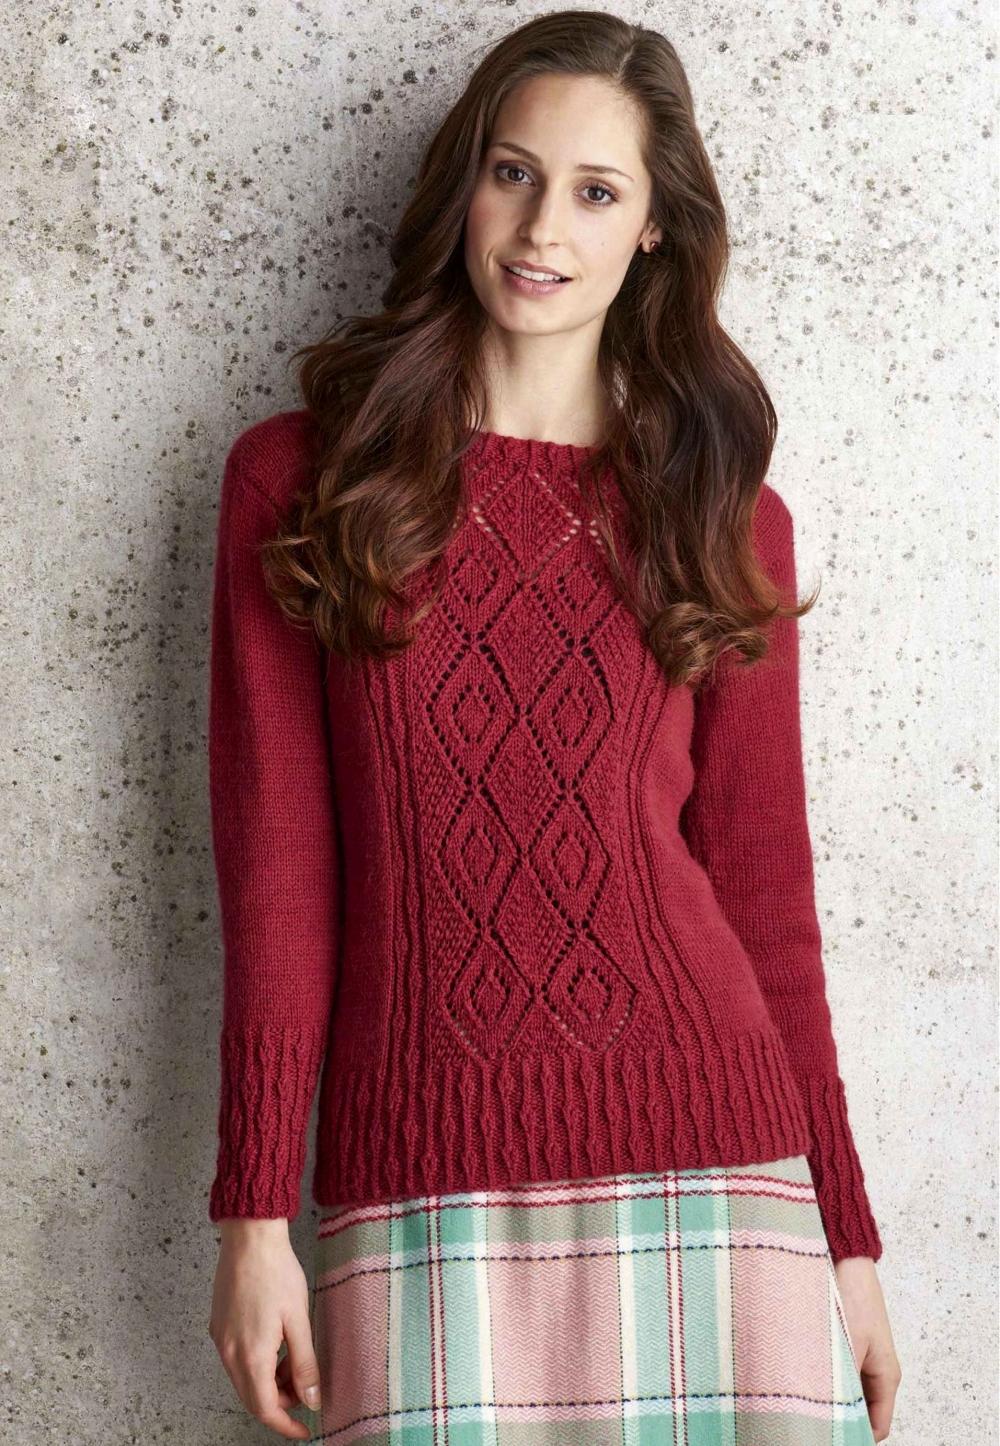 37cd88905c74 Пуловер женский Charlecote с центральным узором - Вяжи.ру